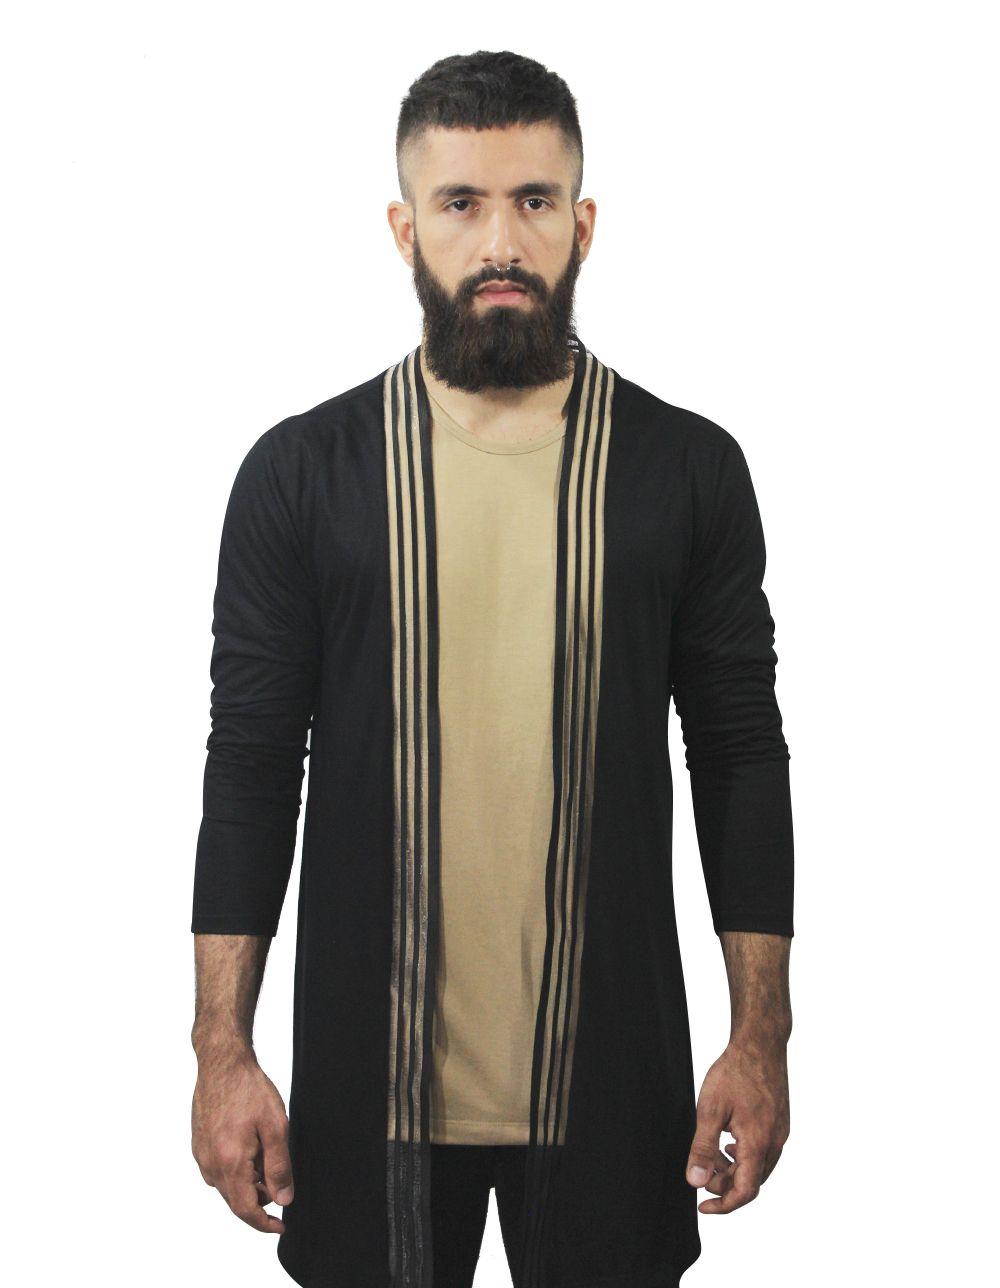 076df6b3d3a18 Cardigan Masculino Long Line Preto com transparente. Camiseta transparente.